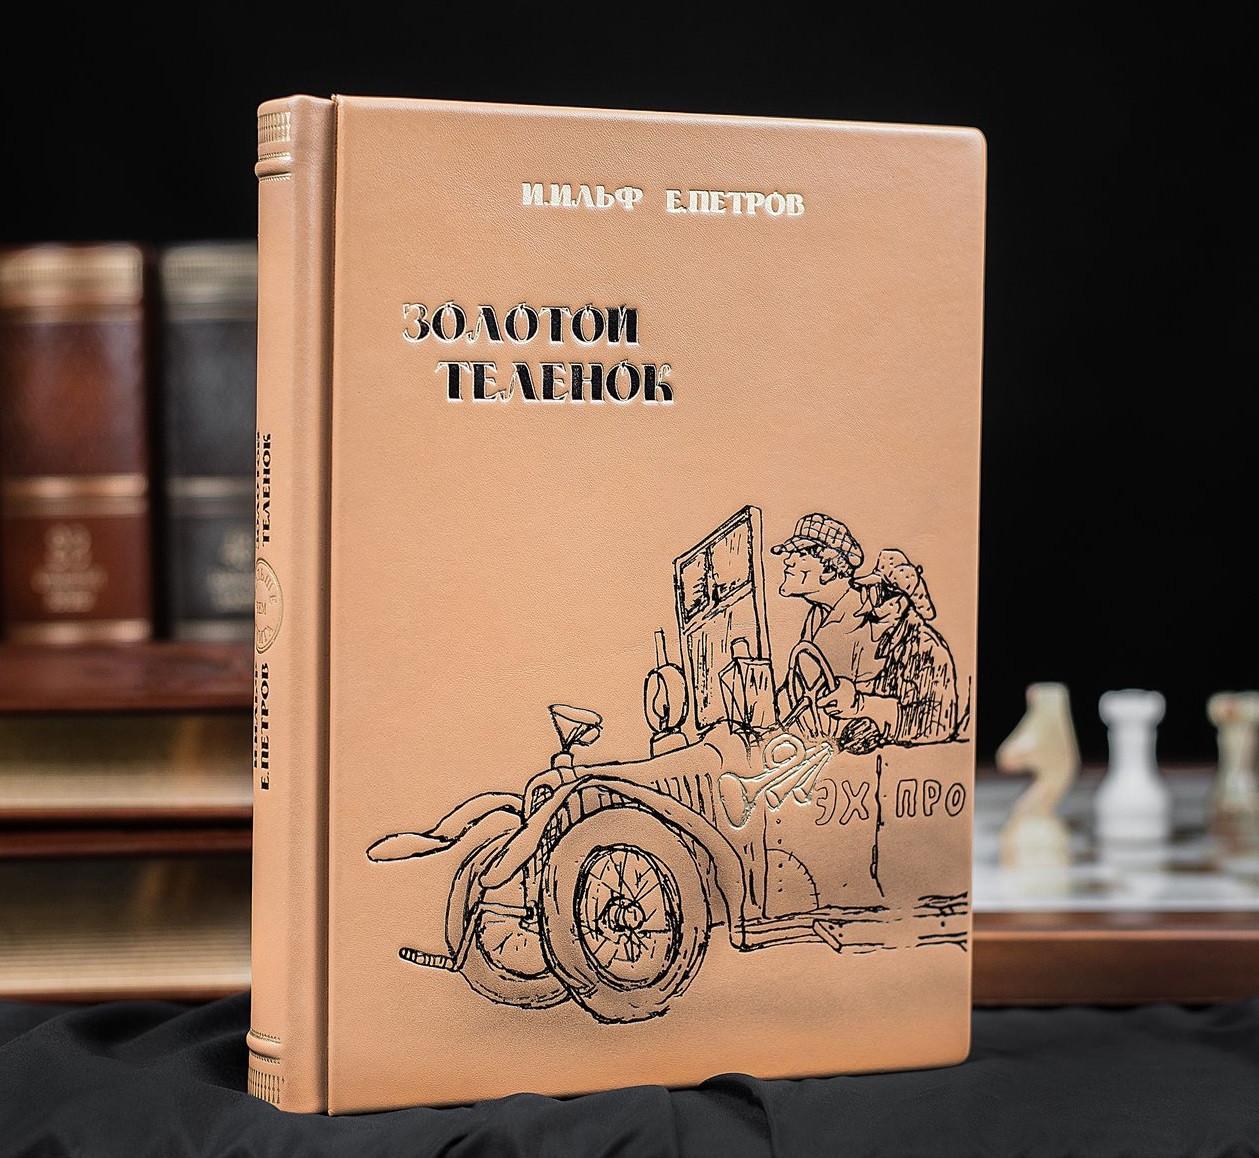 """Книга в кожаном переплете и подарочной коробке """"Золотой телёнок"""" И.Ильф и Е.Петров"""